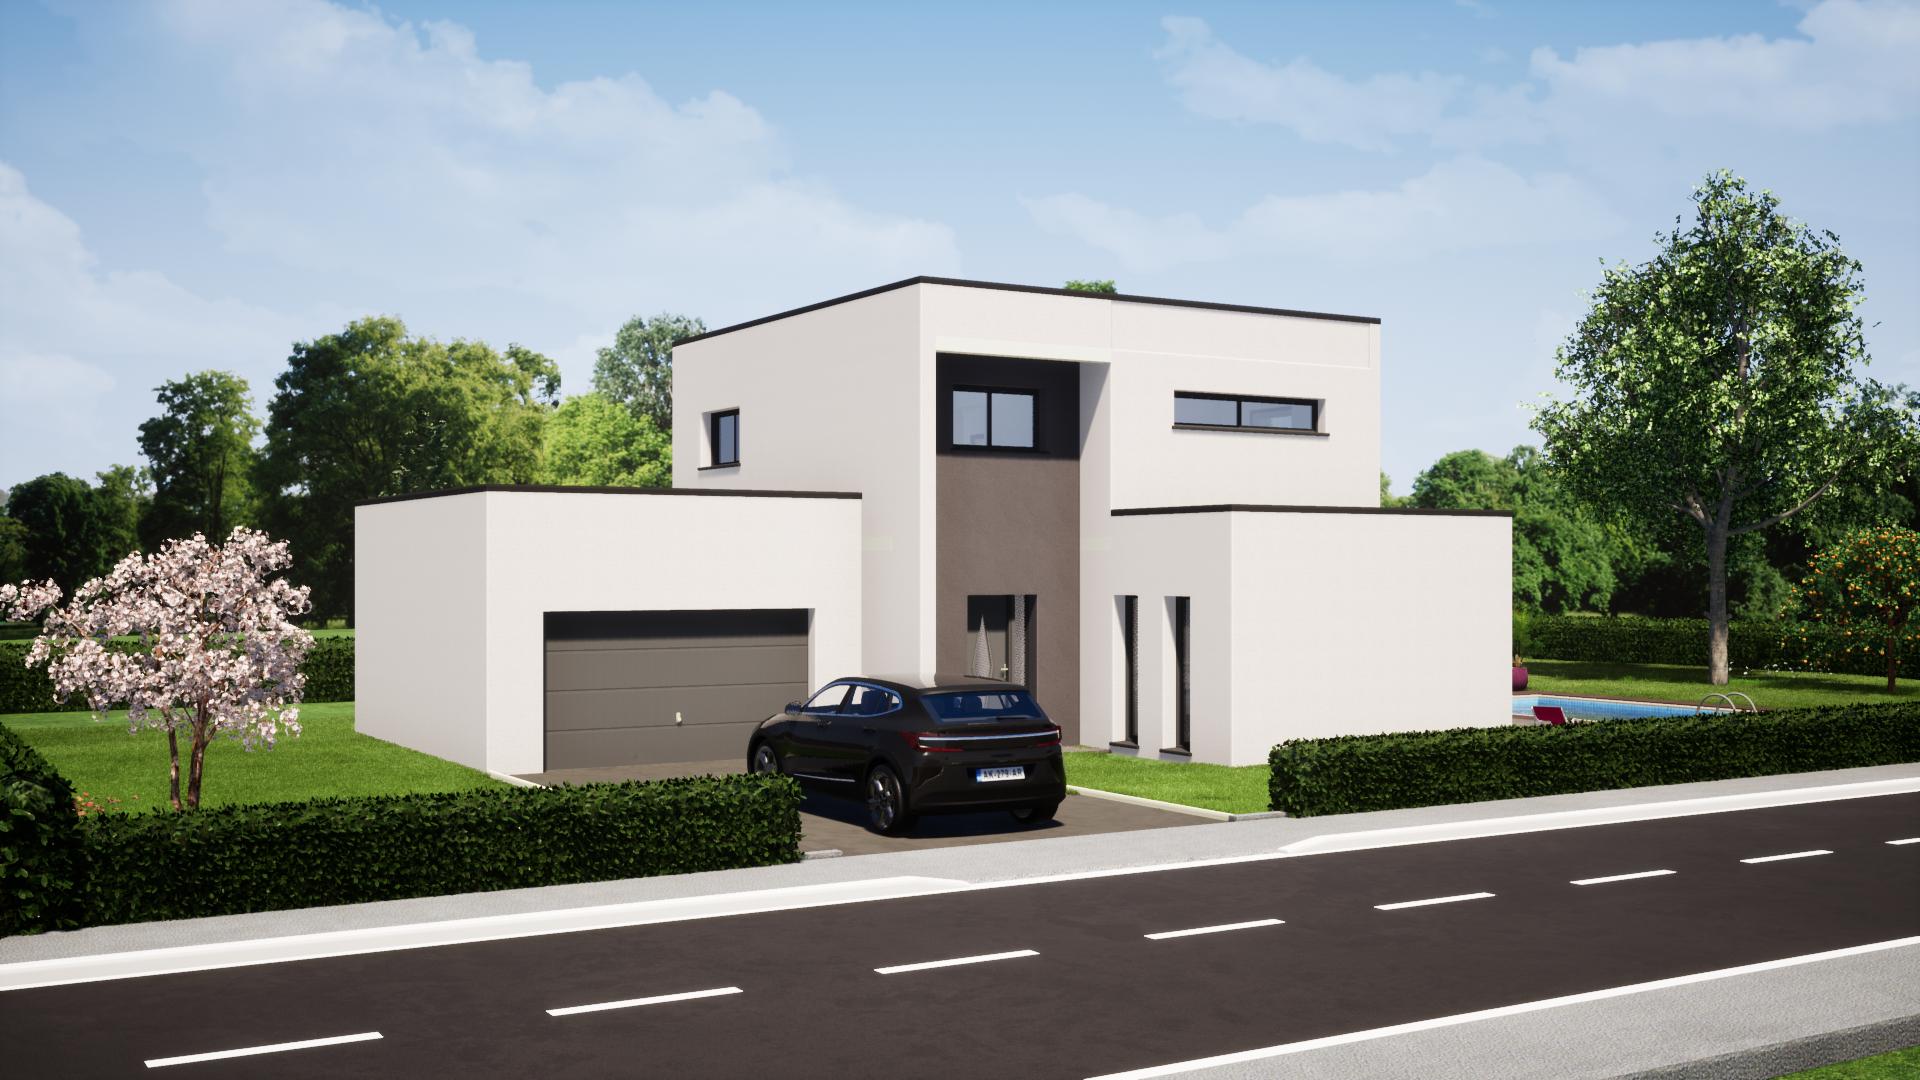 plan maison maison moderne 4 chambres maisons lg le mans maisons lg en sarthe constructeur de maison individuelle maison louplande avant